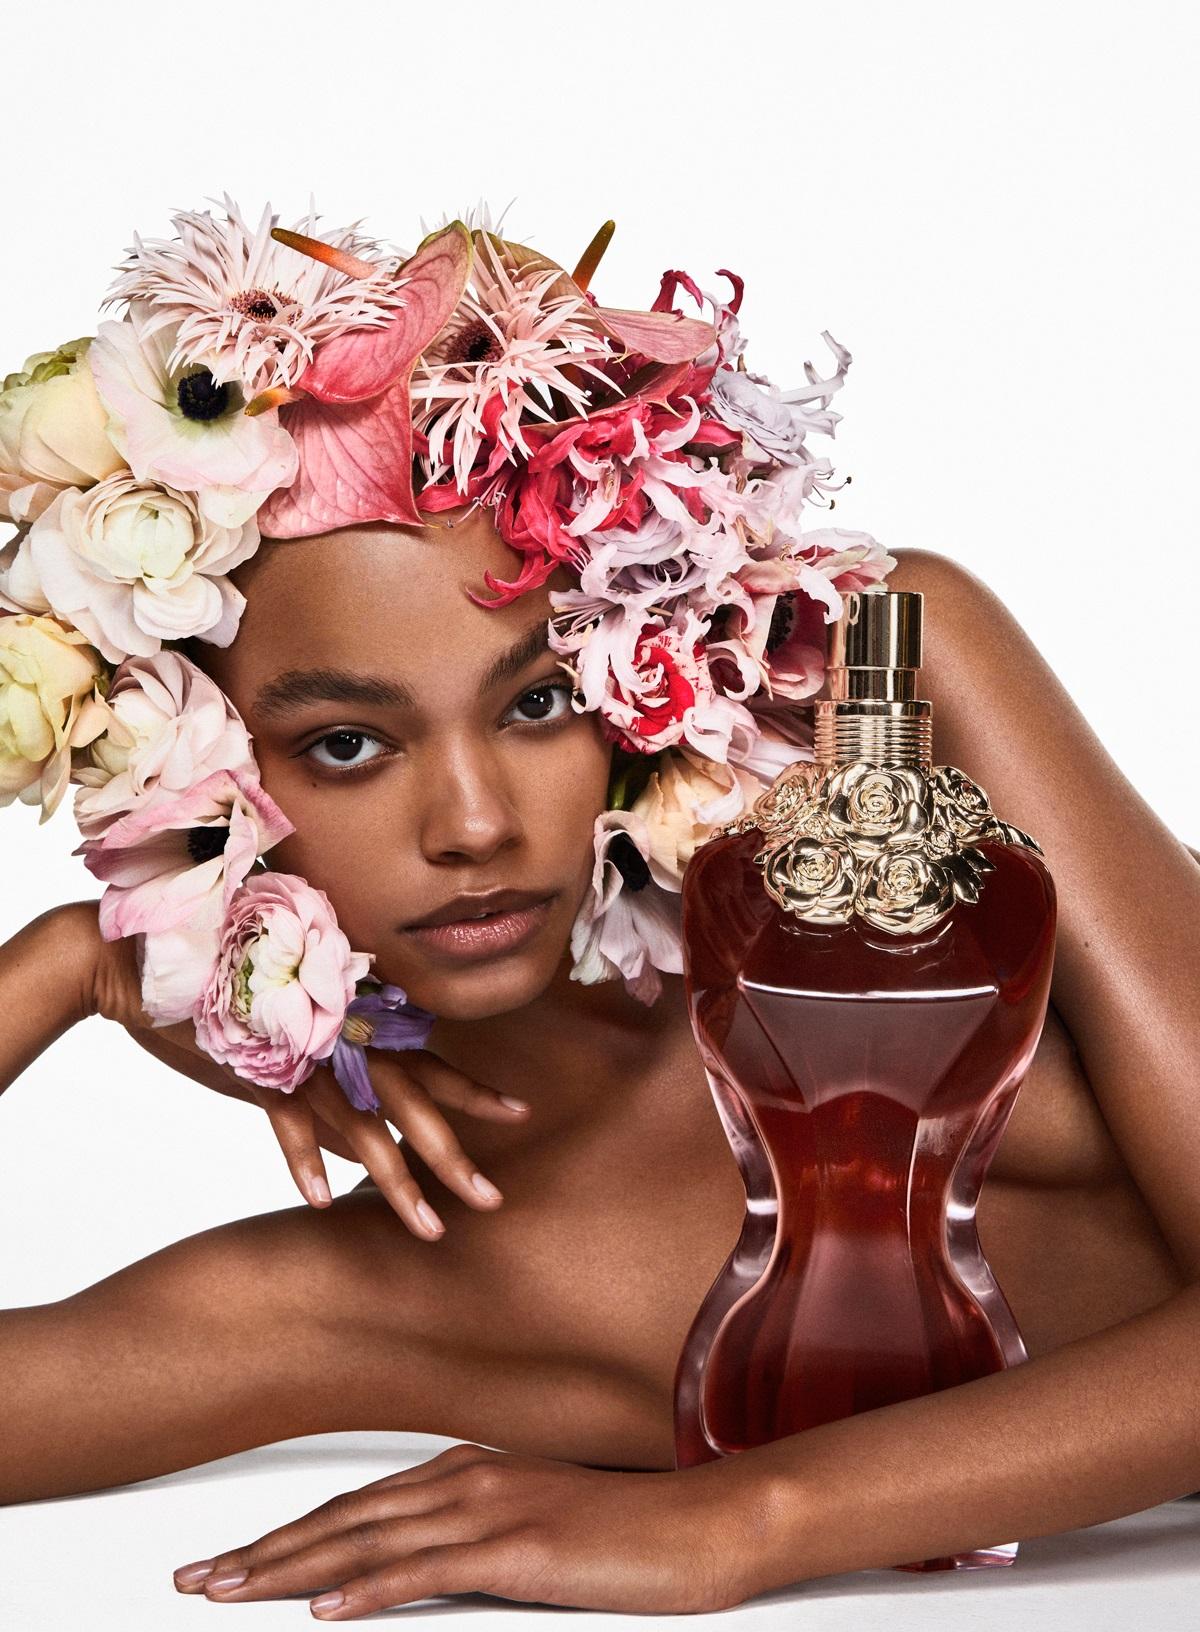 Zdjęcie reklamowe perfum JPG La Belle